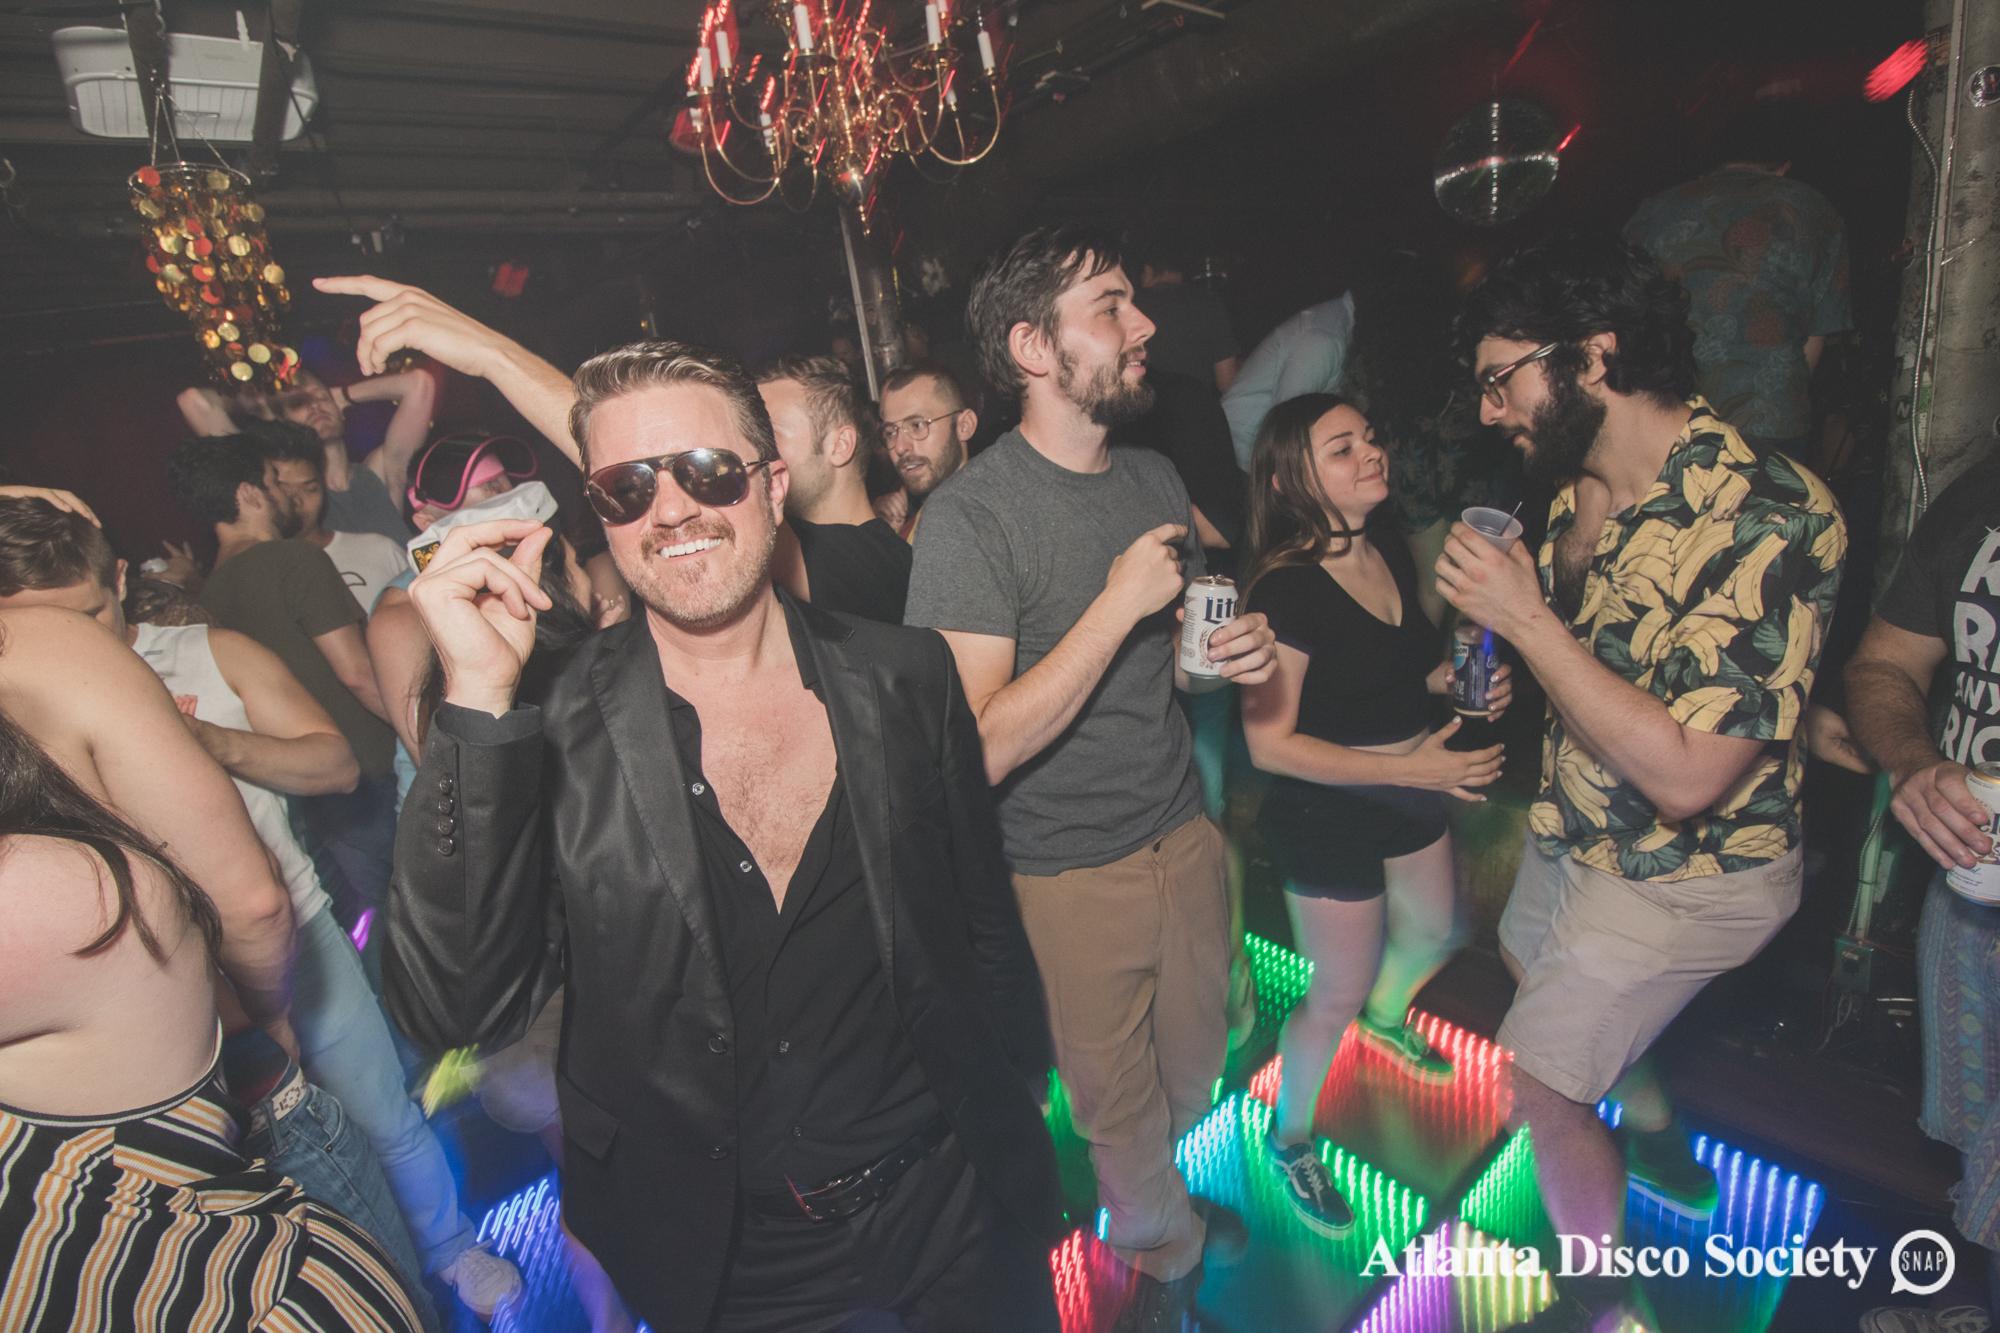 125Atlanta Disco Society Grace Kelly Oh Snap Kid 7.27.19.jpg